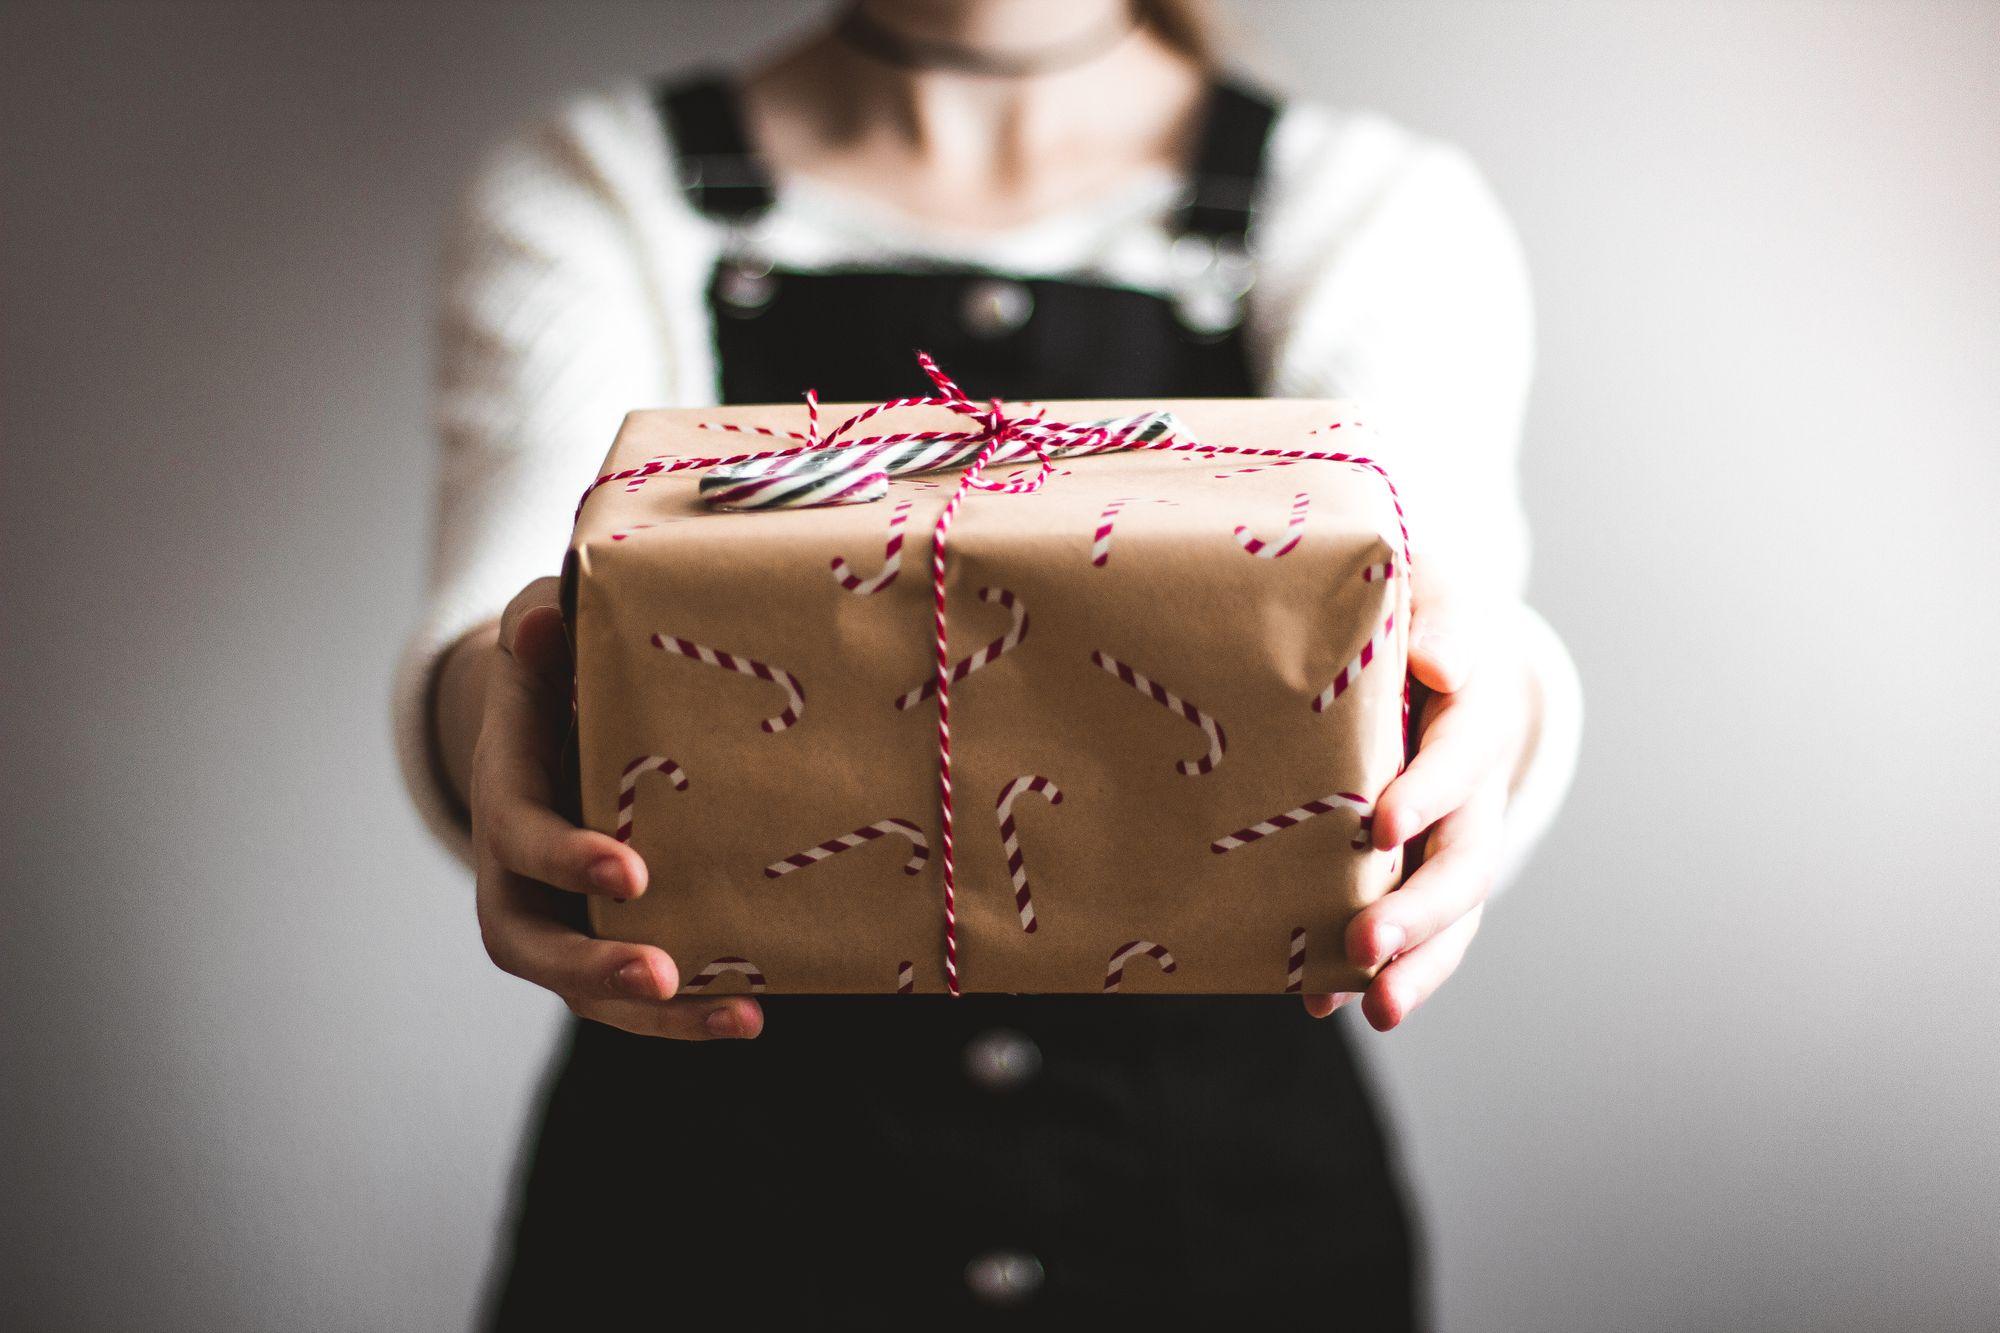 Personne portant un cadeau de Noël emballé dans du papier cadeau